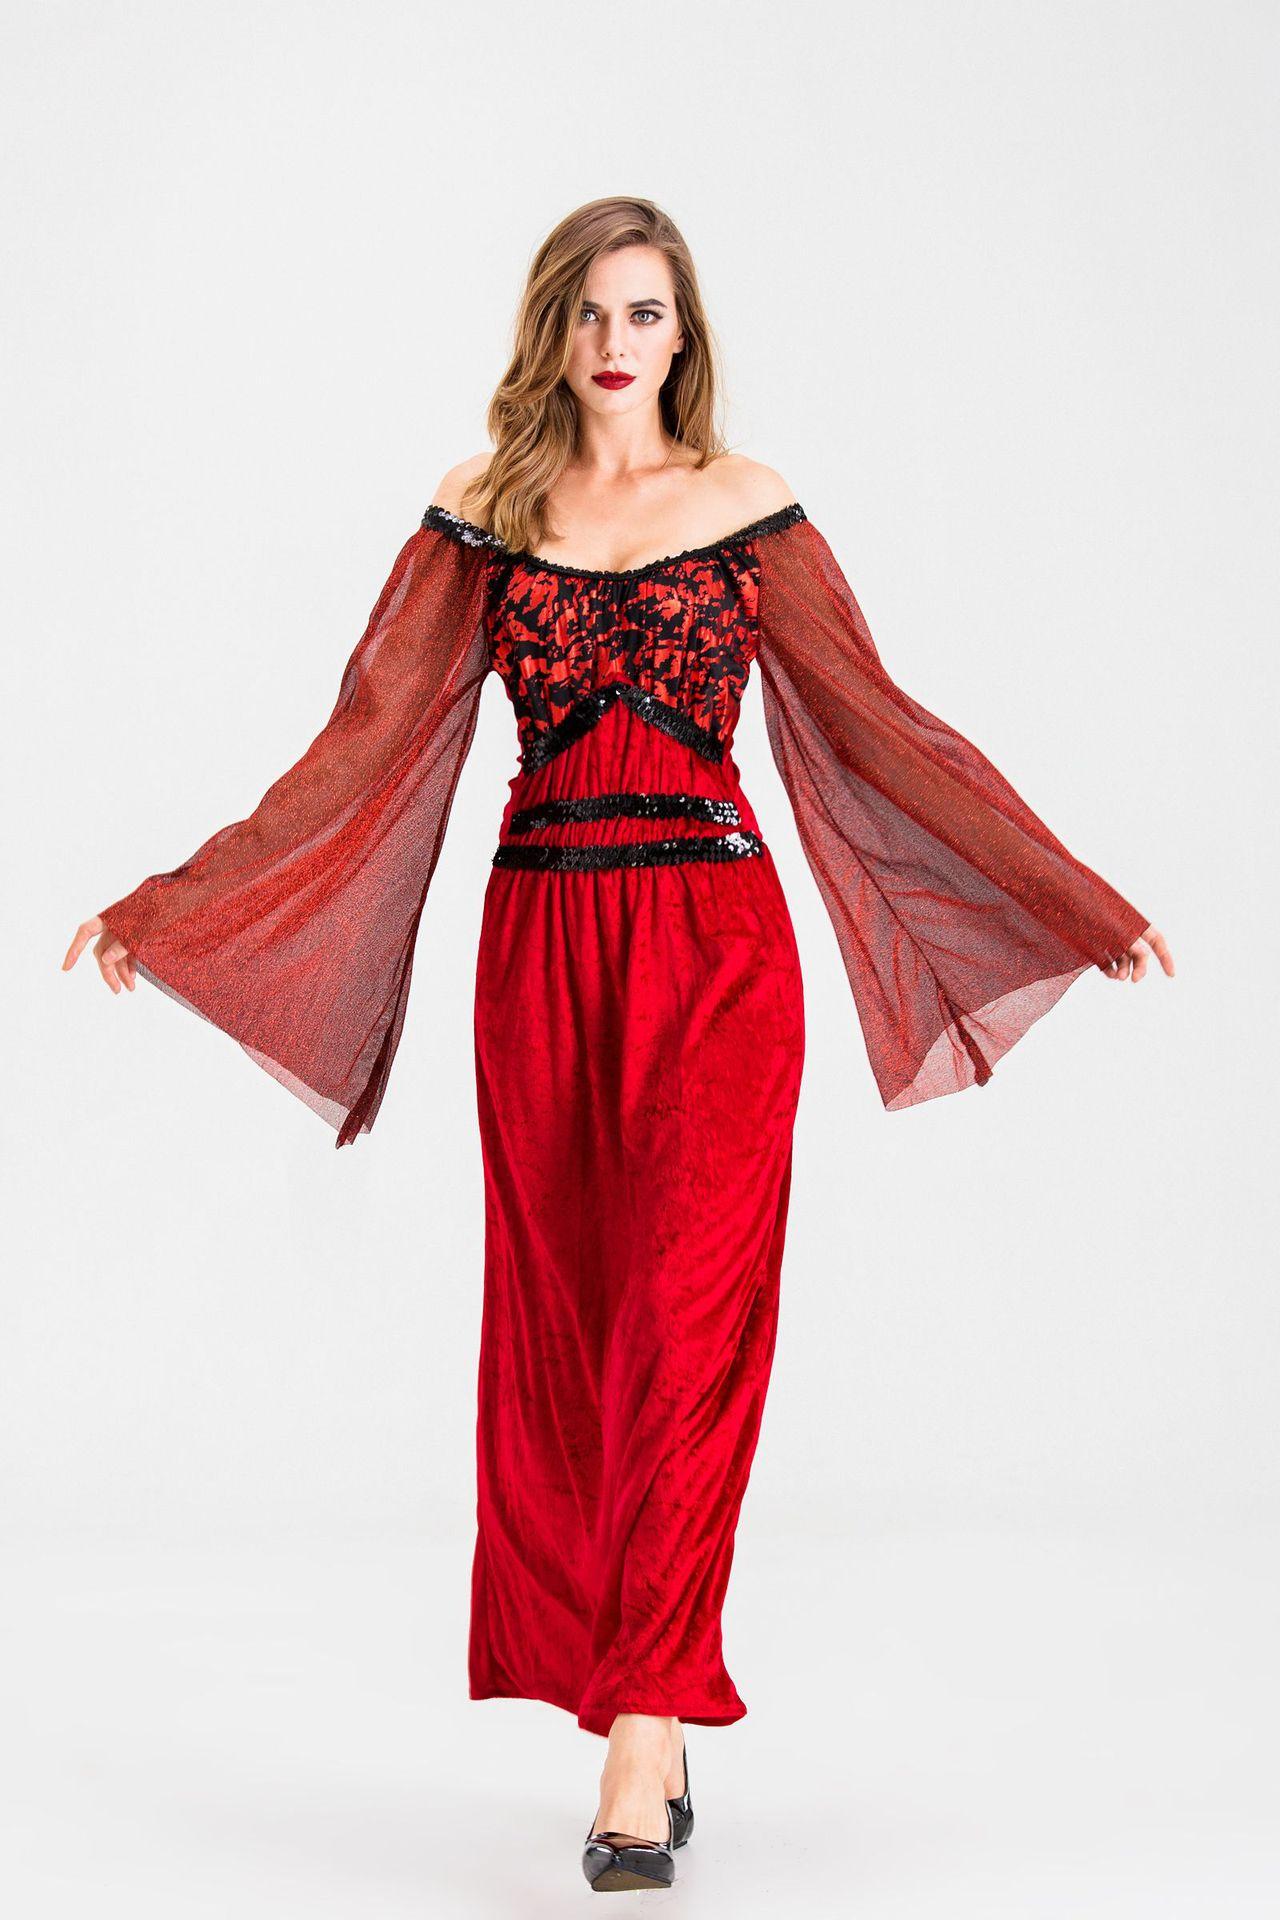 万圣节服装成人吸血鬼伯爵角色扮演服女王服装红色恶魔一字肩长裙